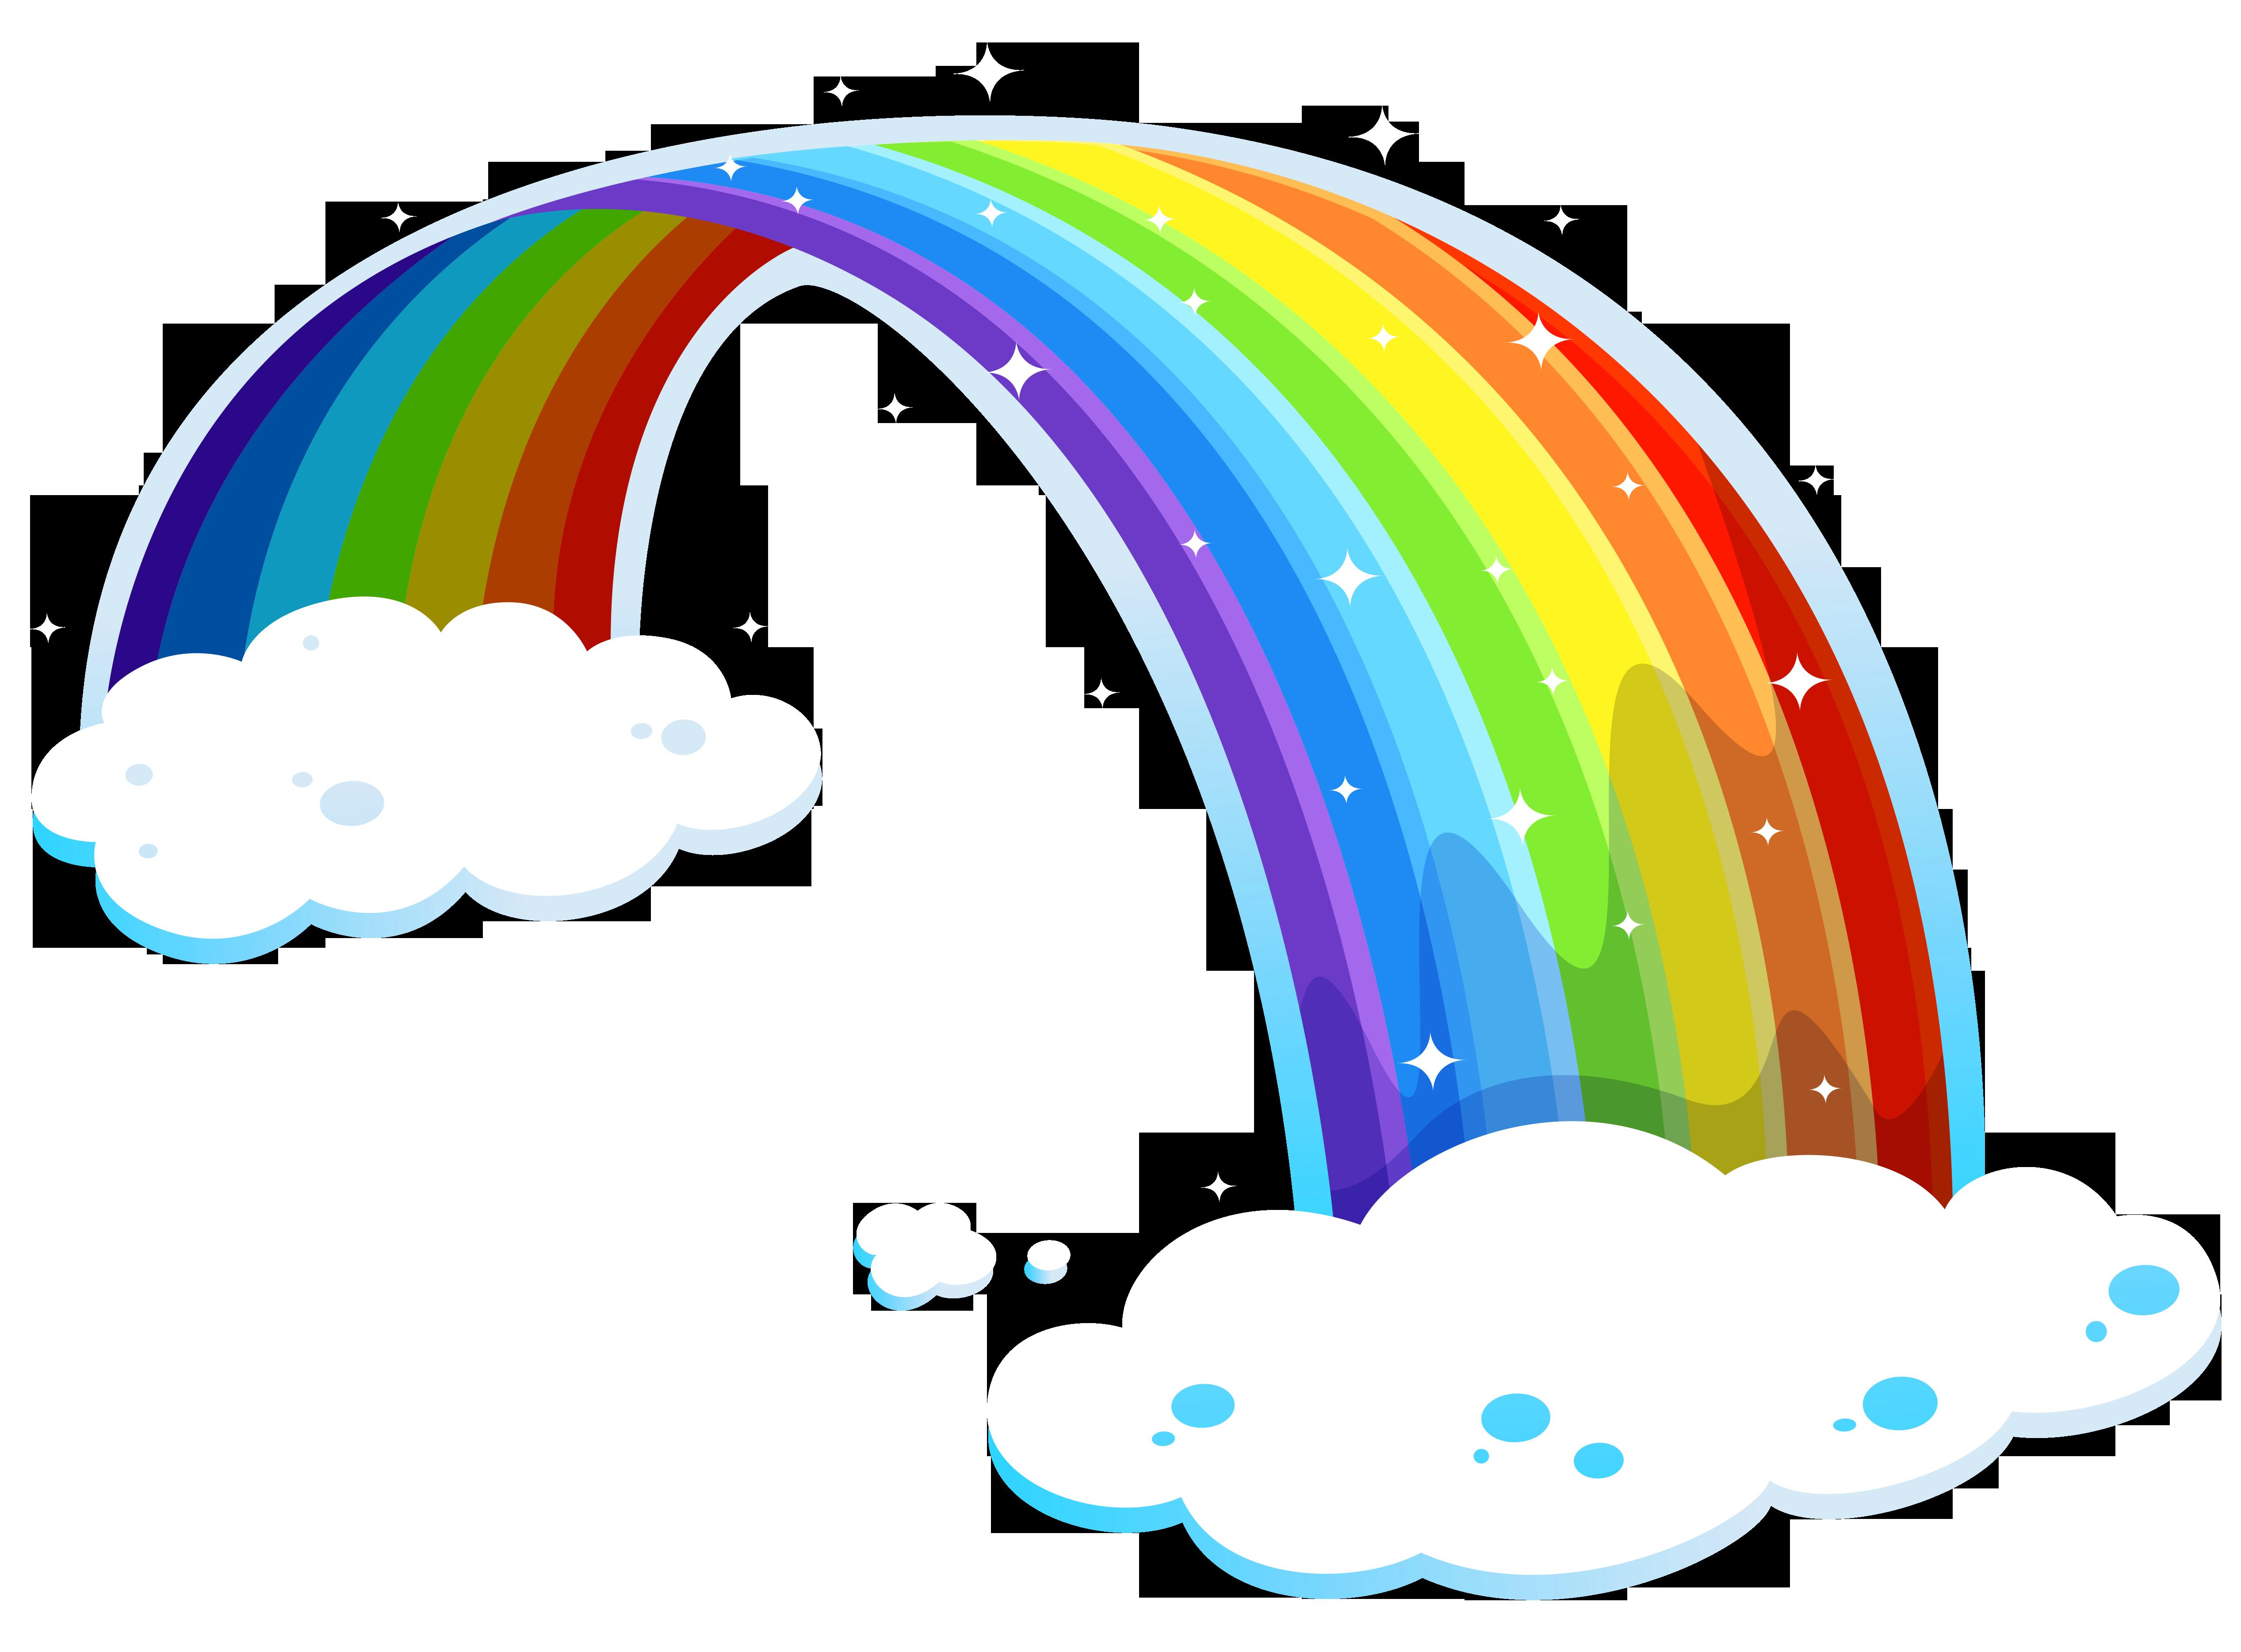 5068x3737 Half Rainbow Clipart